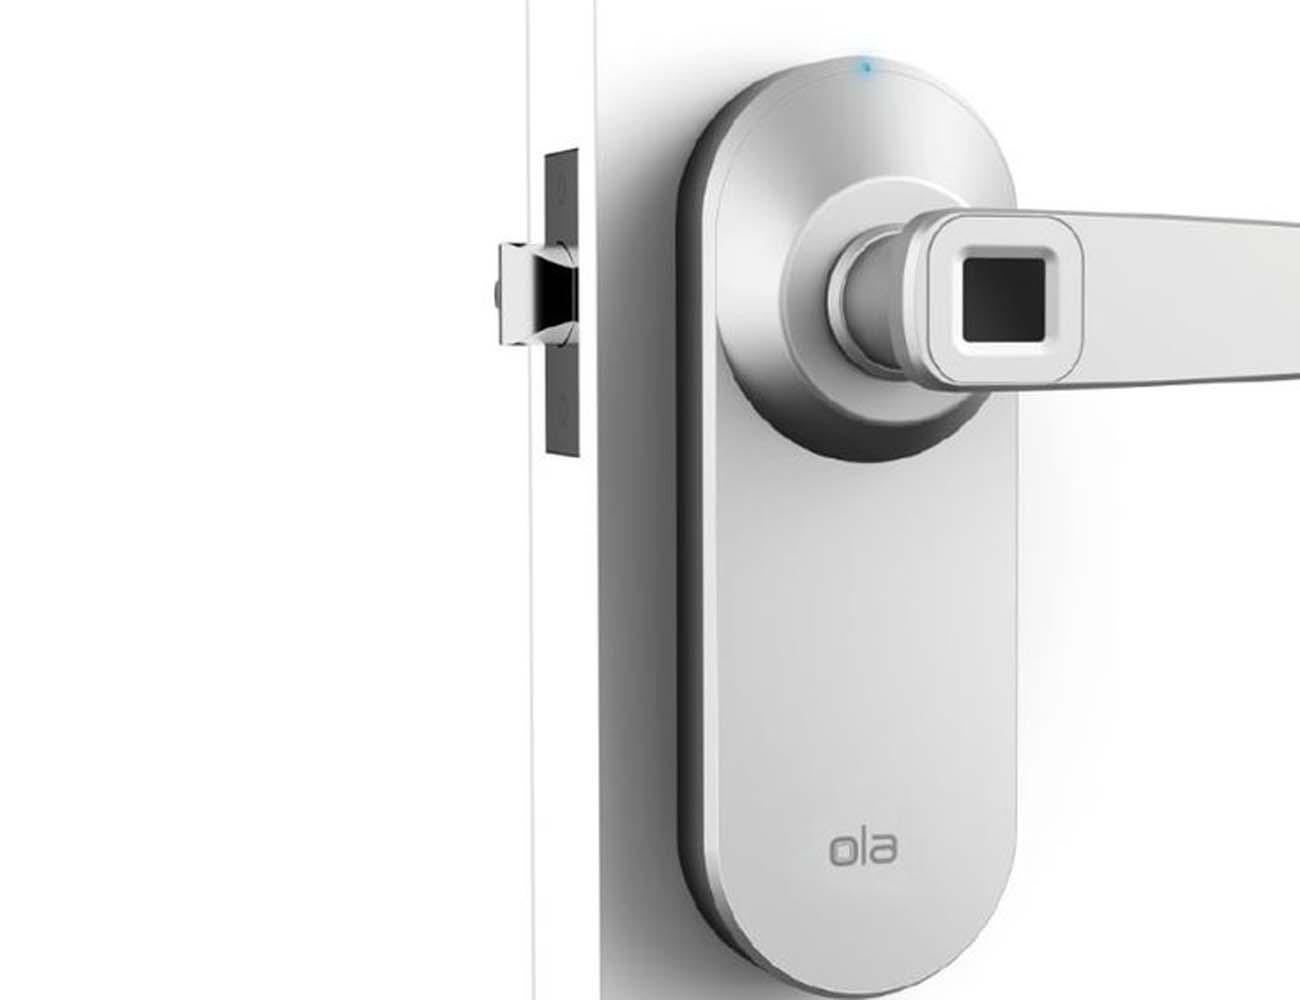 Ola Fingerprint Smart Lock U2013 Open The Door To The Future